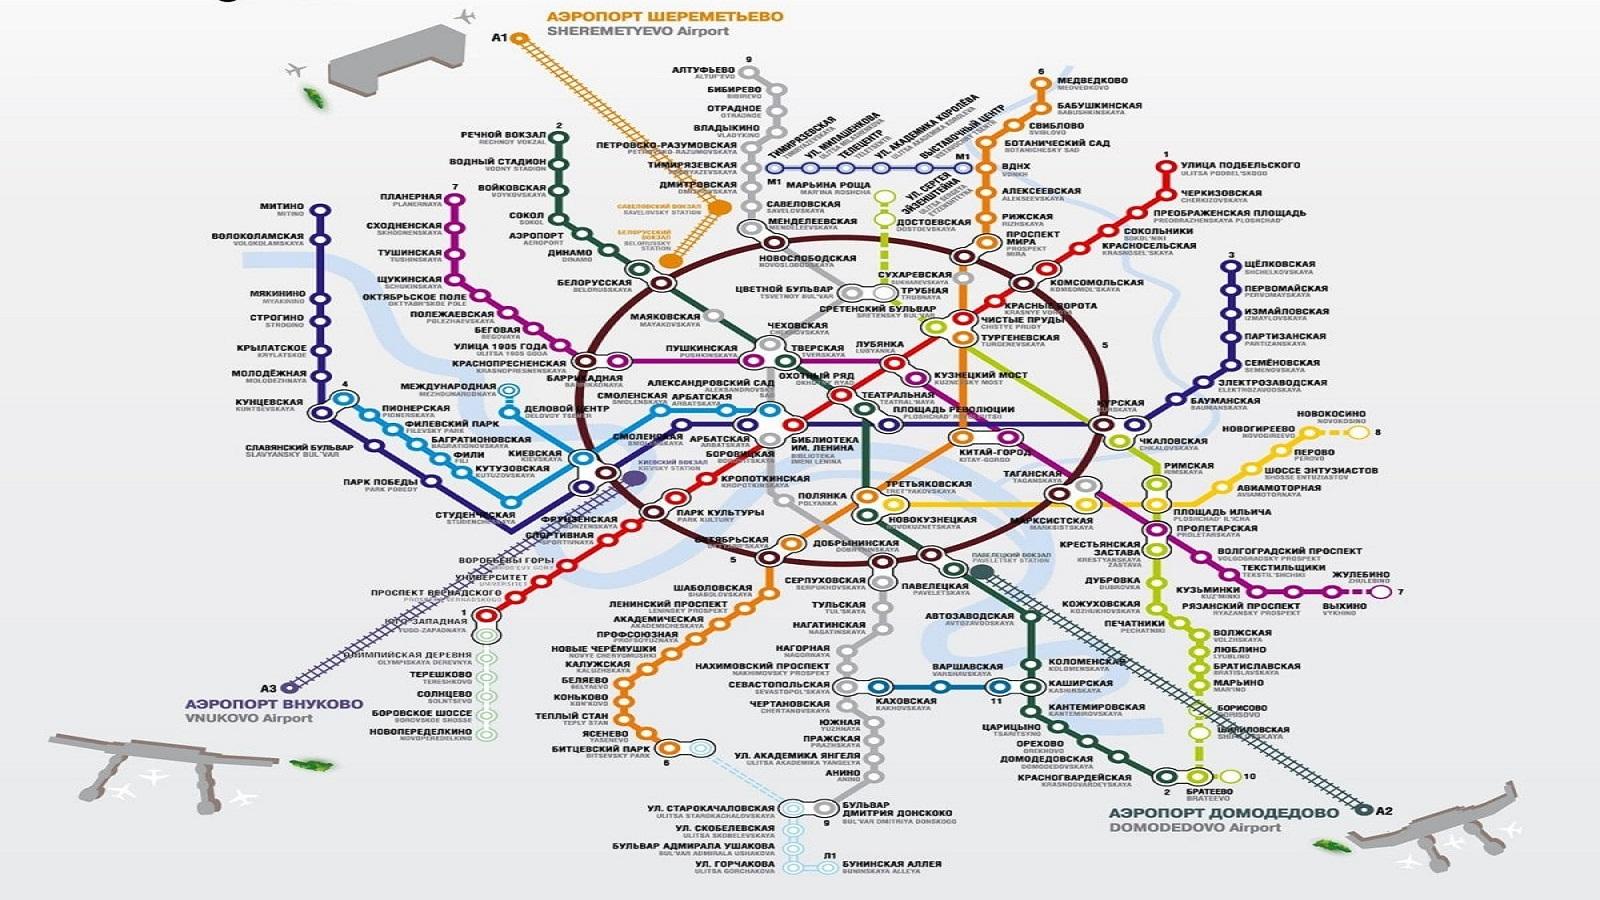 карта метро Москвы с аэропортами